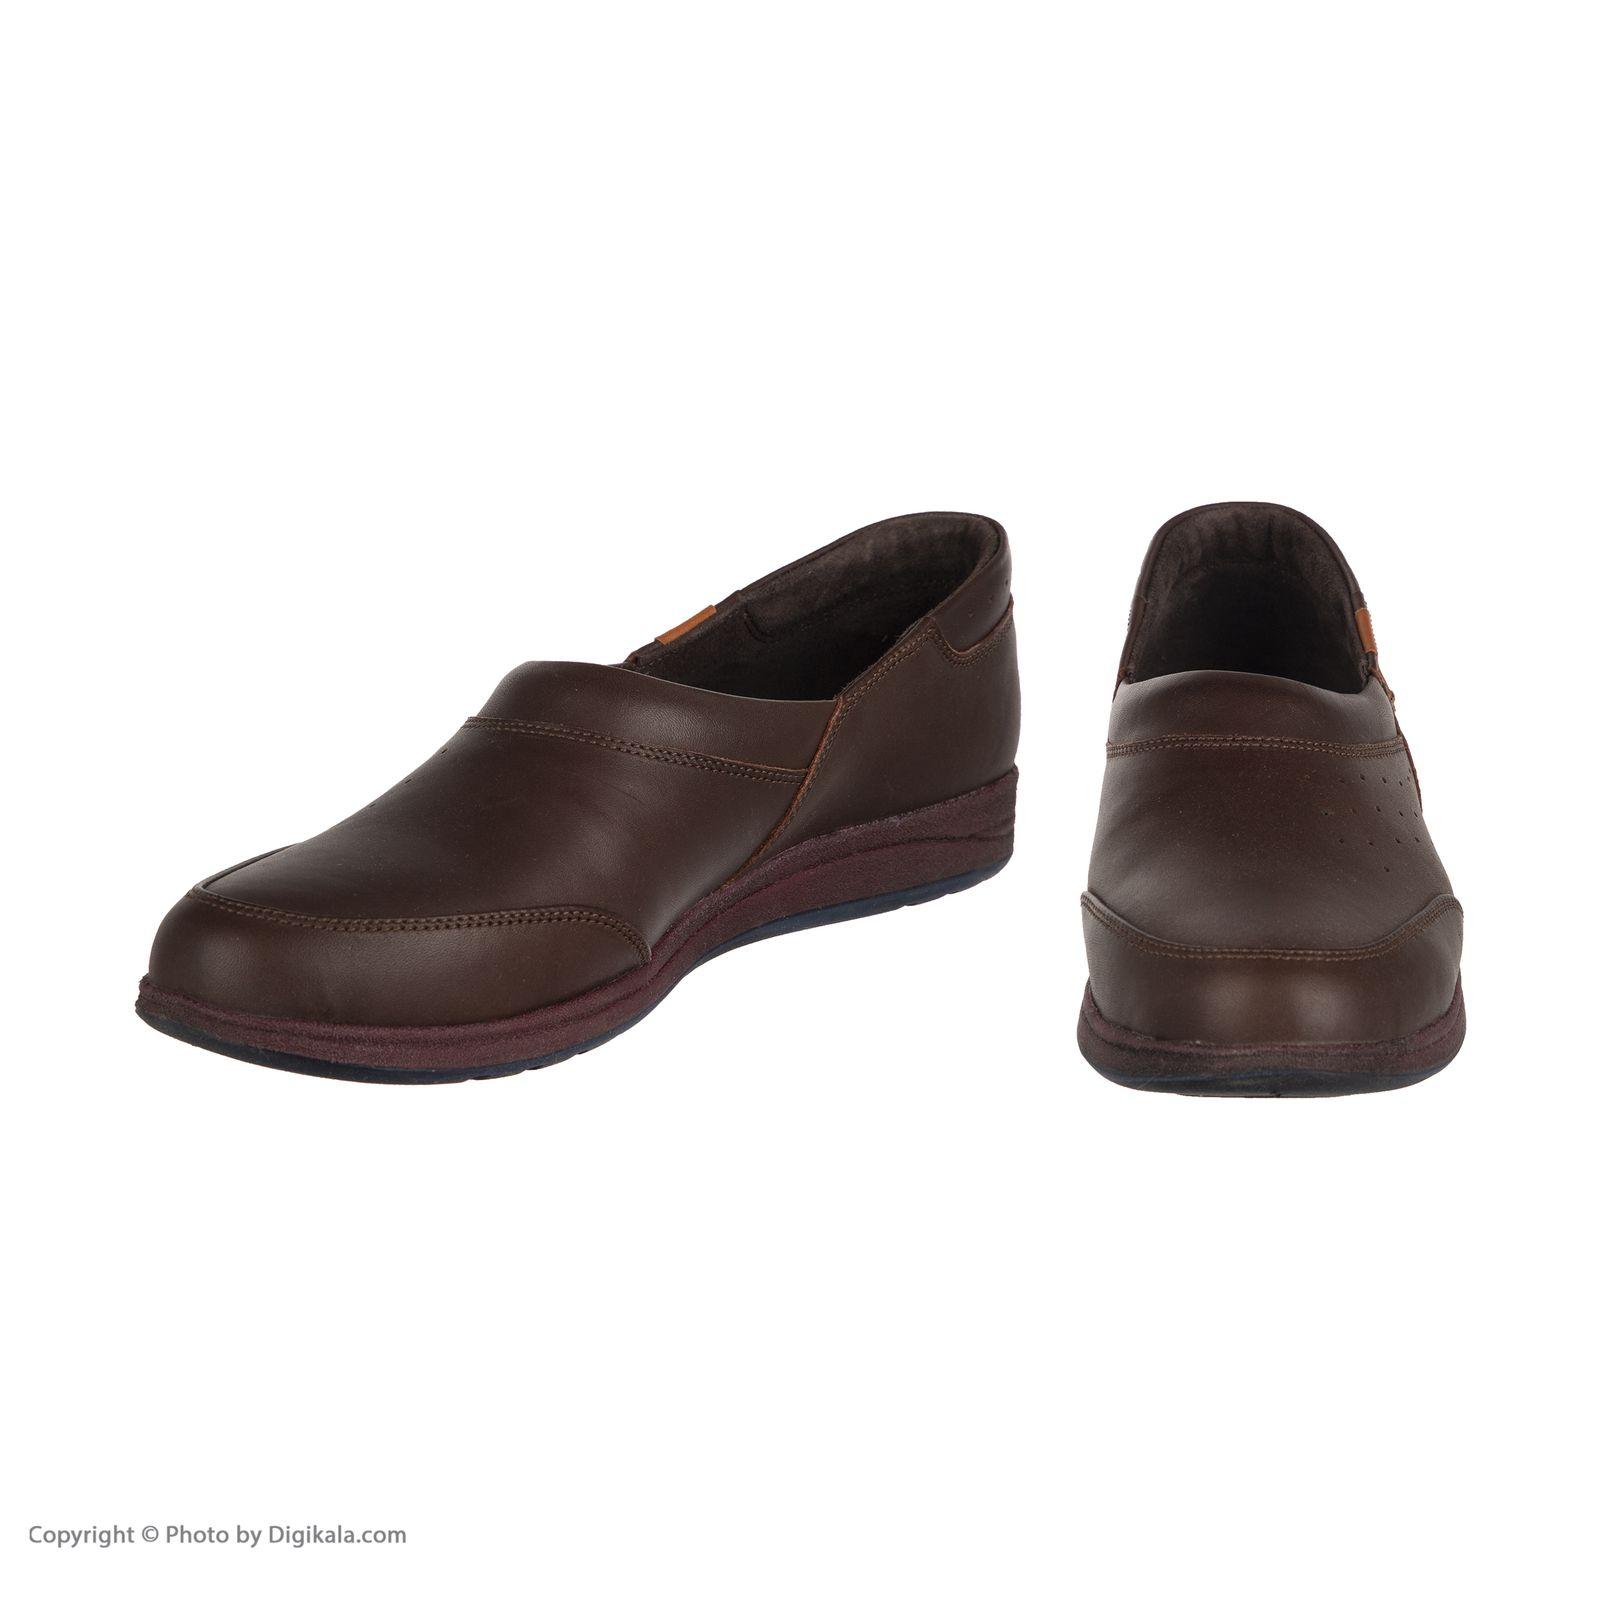 کفش روزمره زنانه سوته مدل 2959B500104 -  - 7